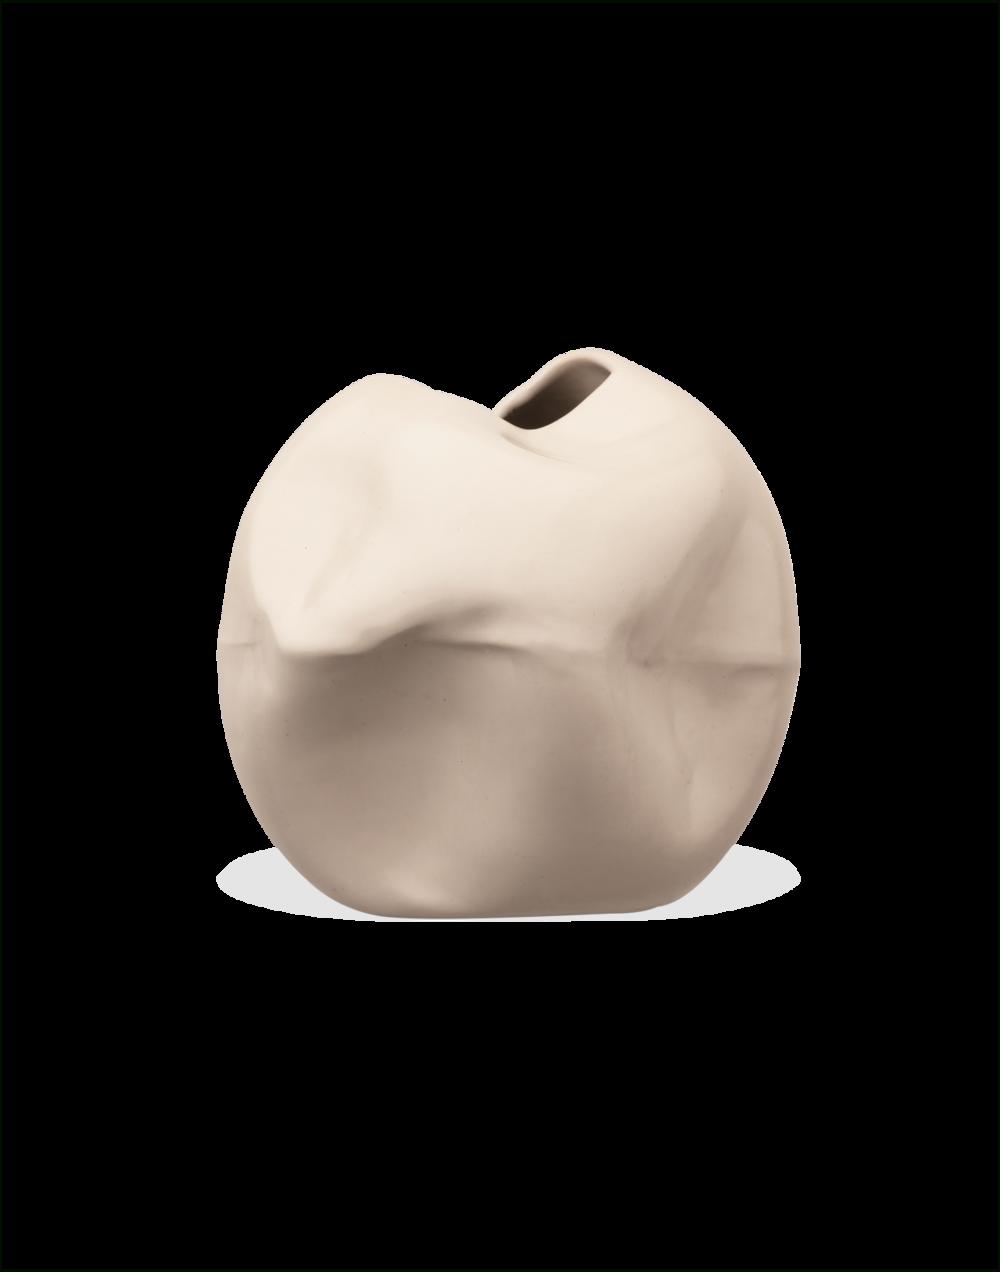 Completedworks-Ceramics-Object-24-1-1.png